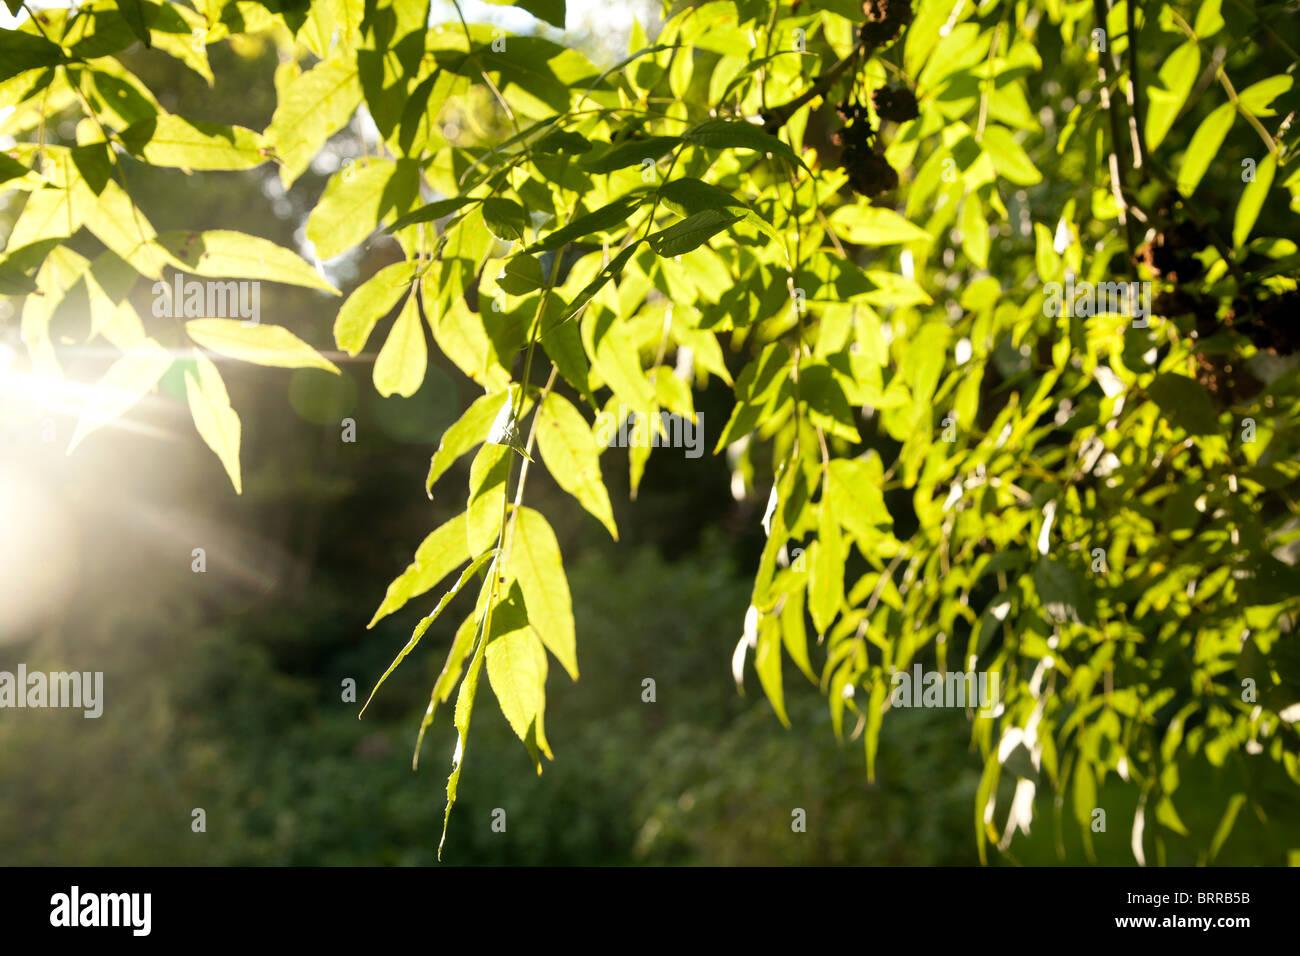 Soleil de la photosynthèse des feuilles de frêne Photo Stock